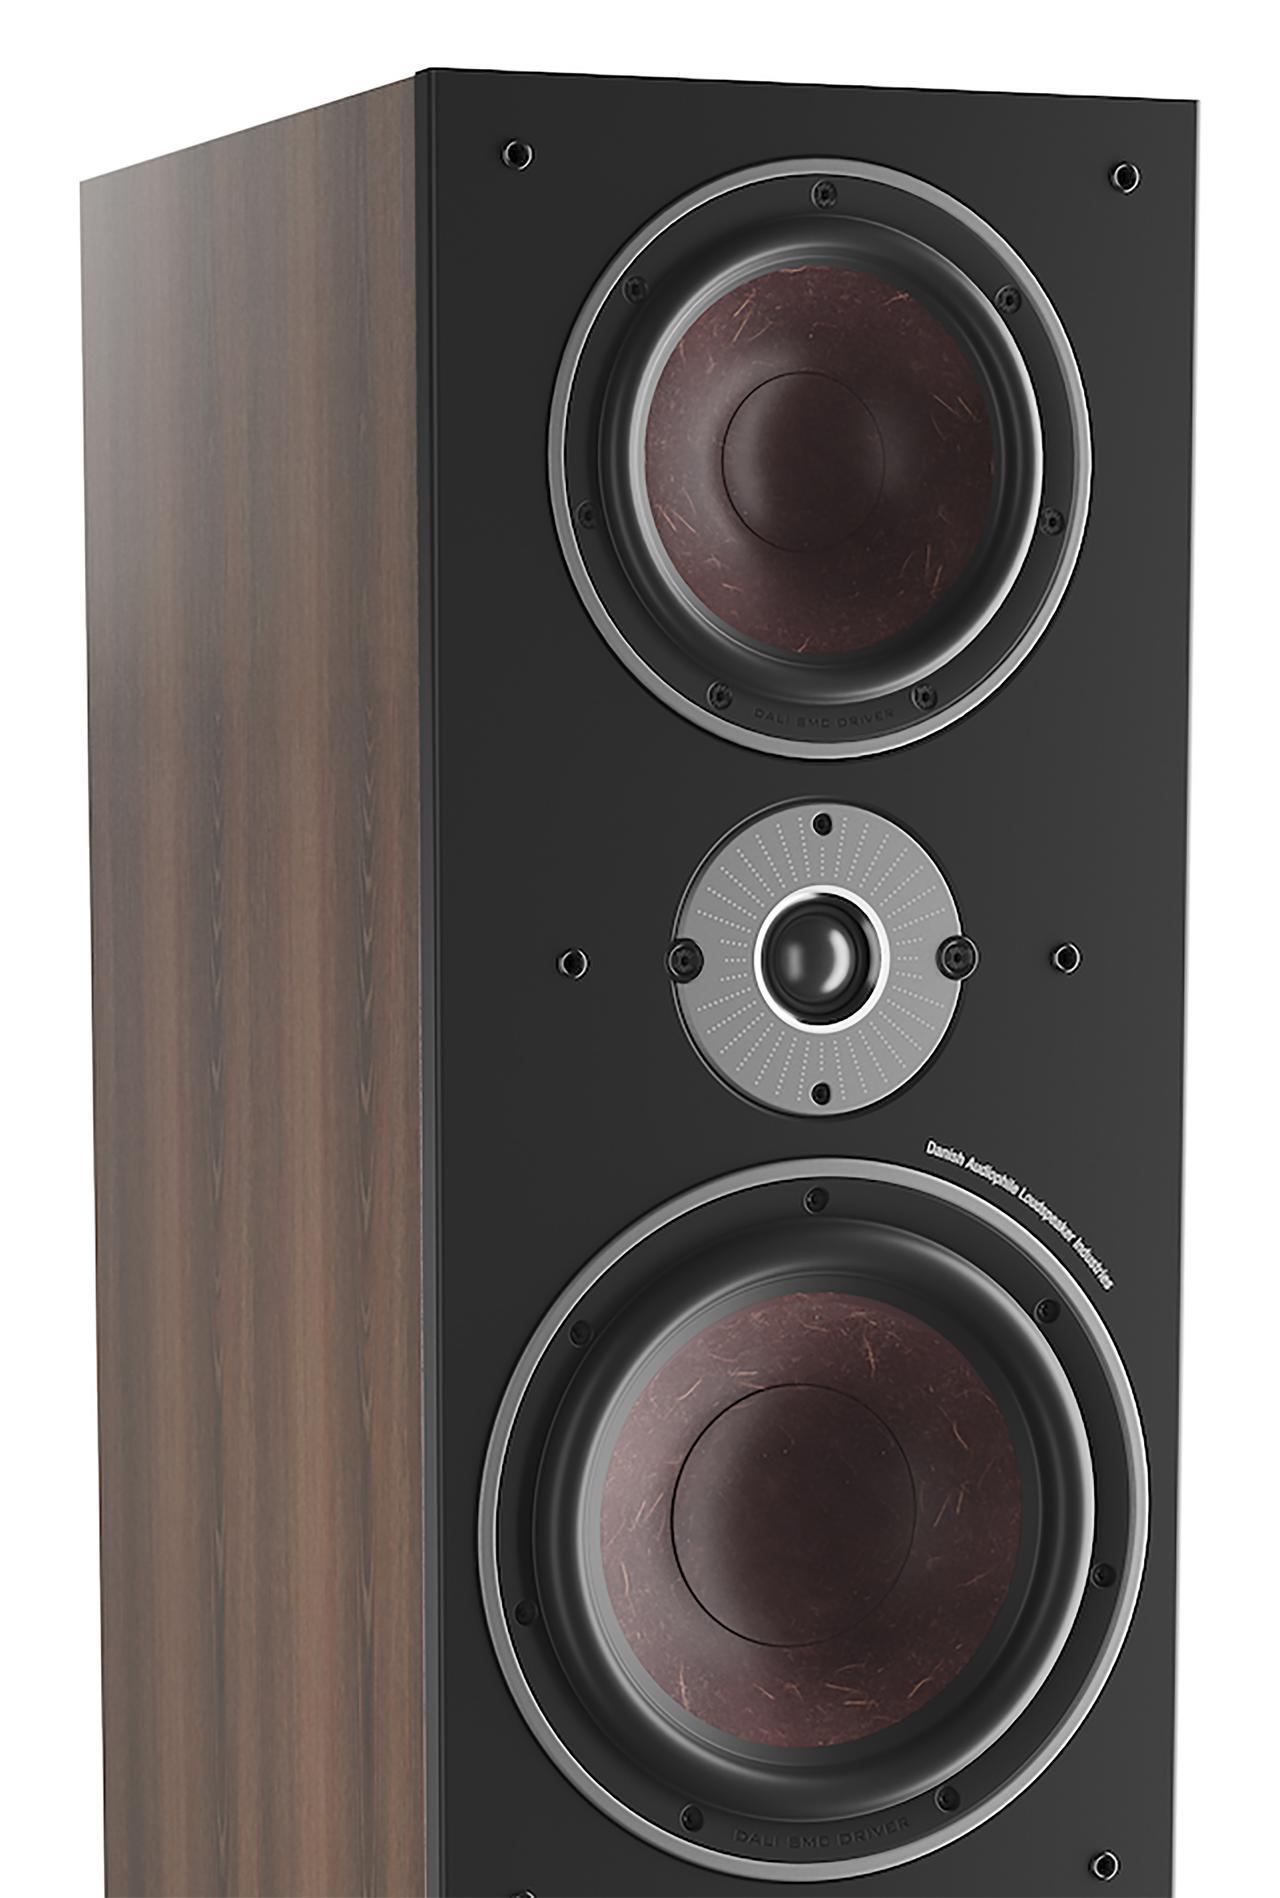 画像: ミッドレンジとウーファーにはダリのシグネイチャー素材である赤茶色のウッド・ファイバーコーンを搭載。ナチュラルでオーガニックなサウンドを志向している